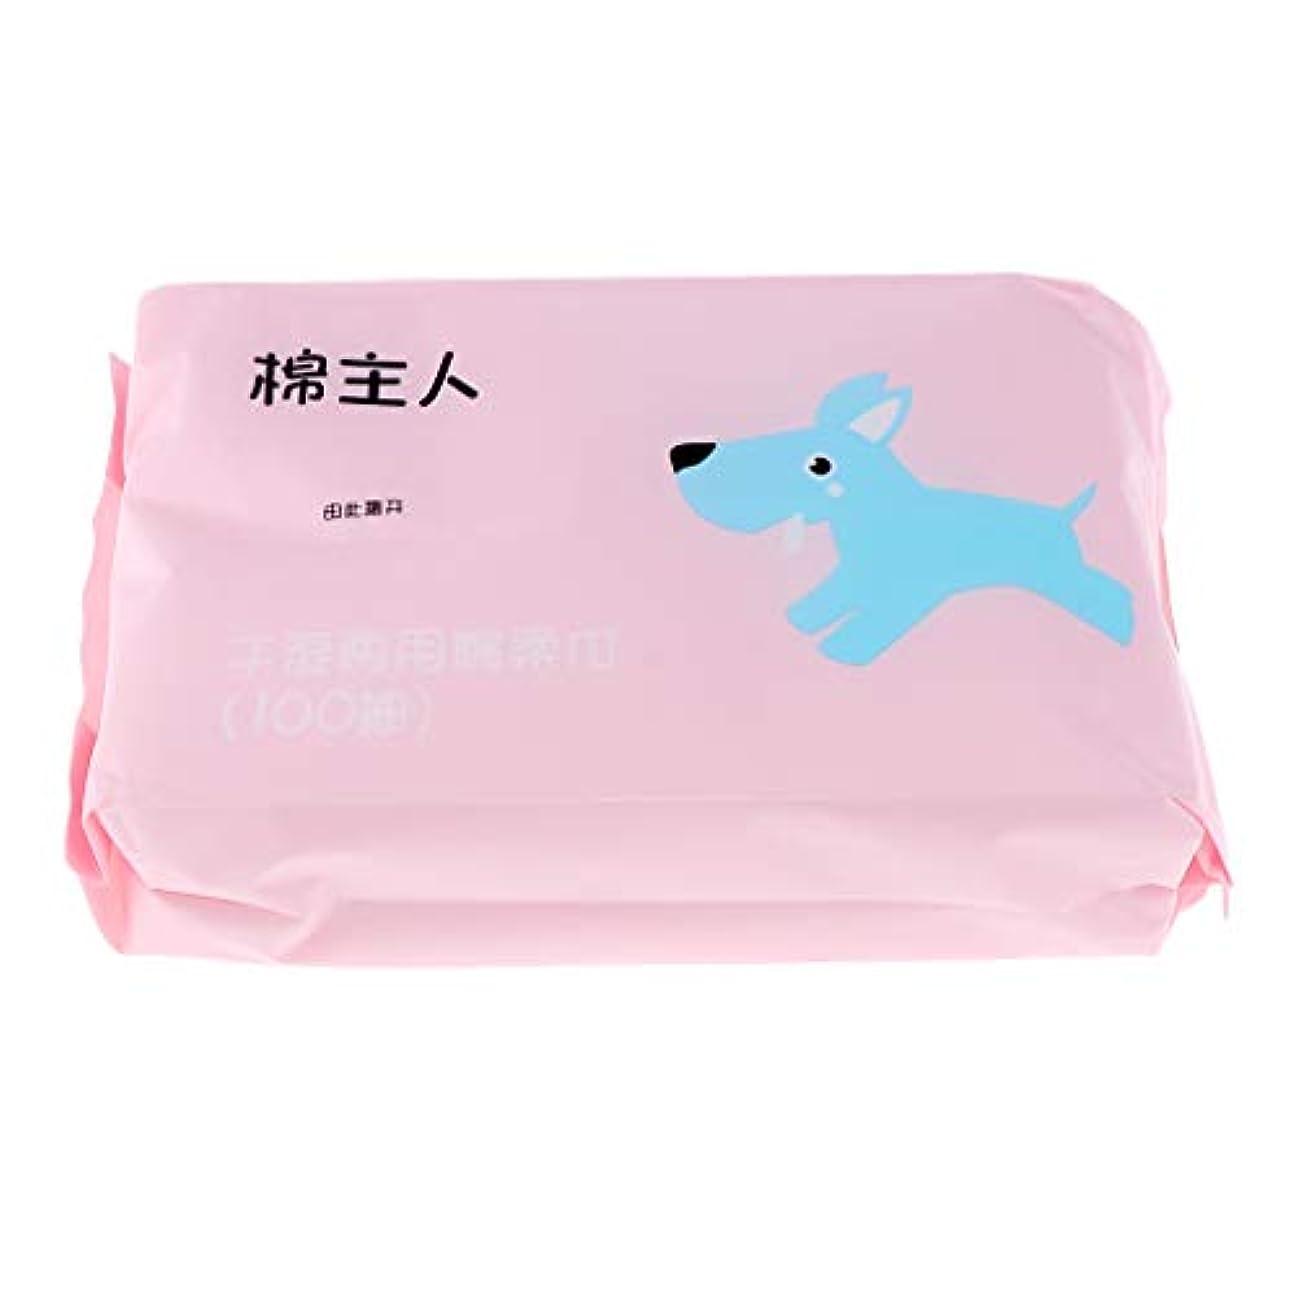 引用カール後ろにCUTICATE クレンジングシート メイク落とし 軽量 便利 敏感肌用 非刺激 不織布 フェイスタオル 約100枚 - ピンク